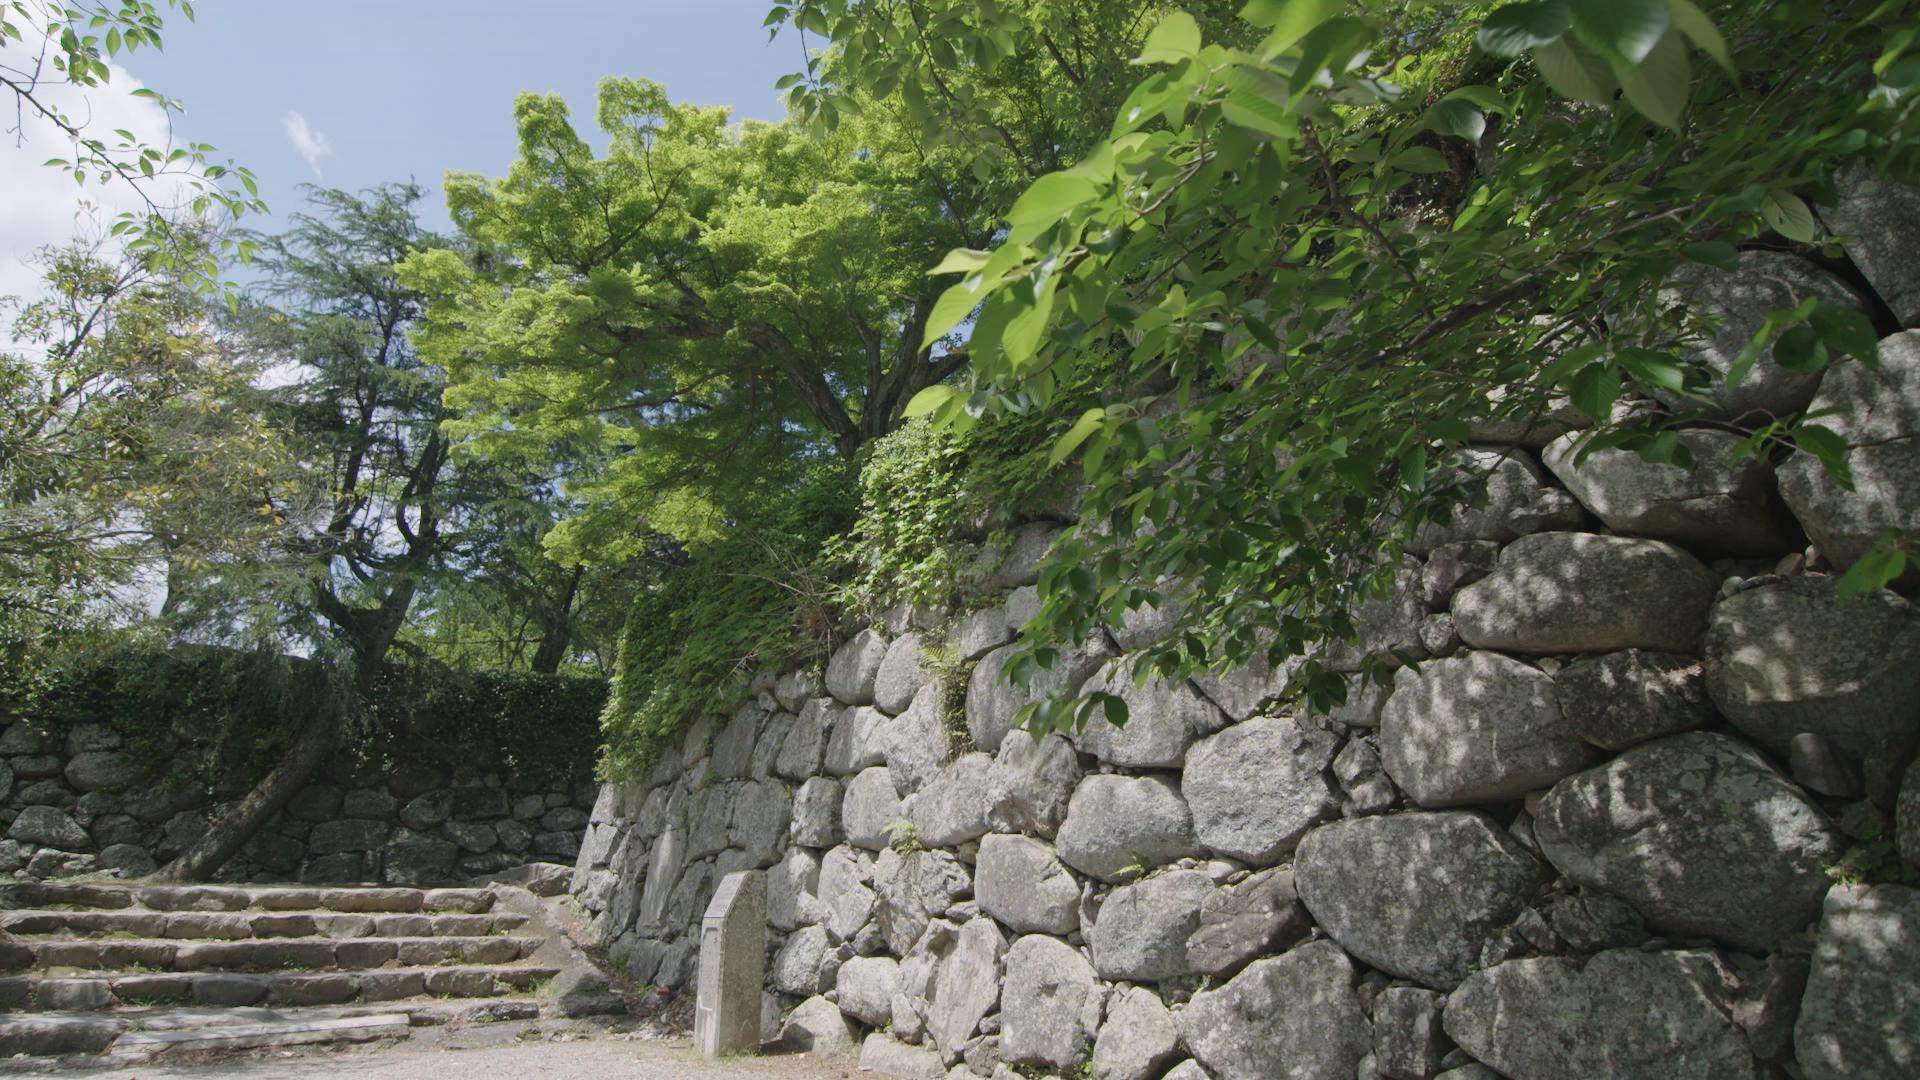 松阪市は個性的な文化・自然・グルメが魅力的な町!豪商の歴史を感じよう!